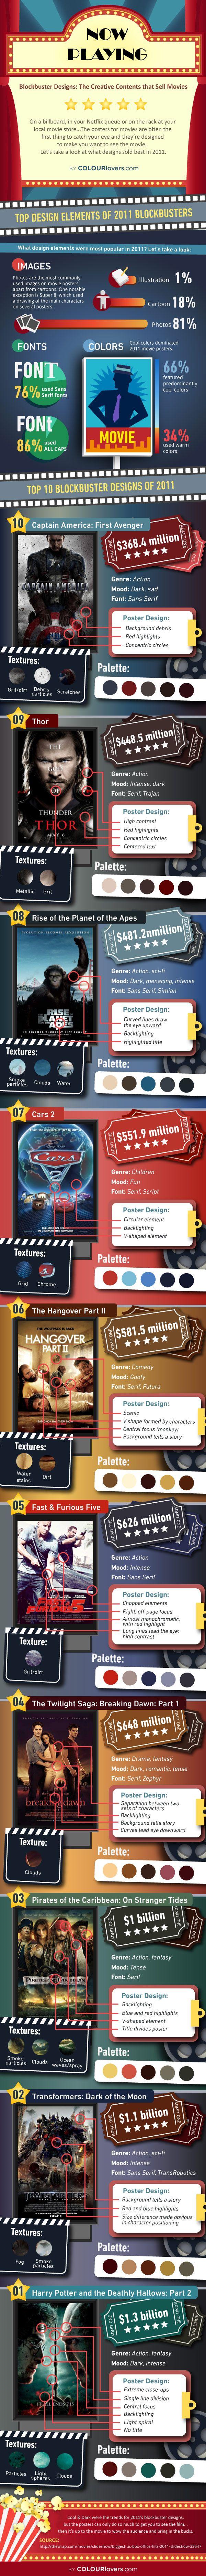 Diseñando posters de películas